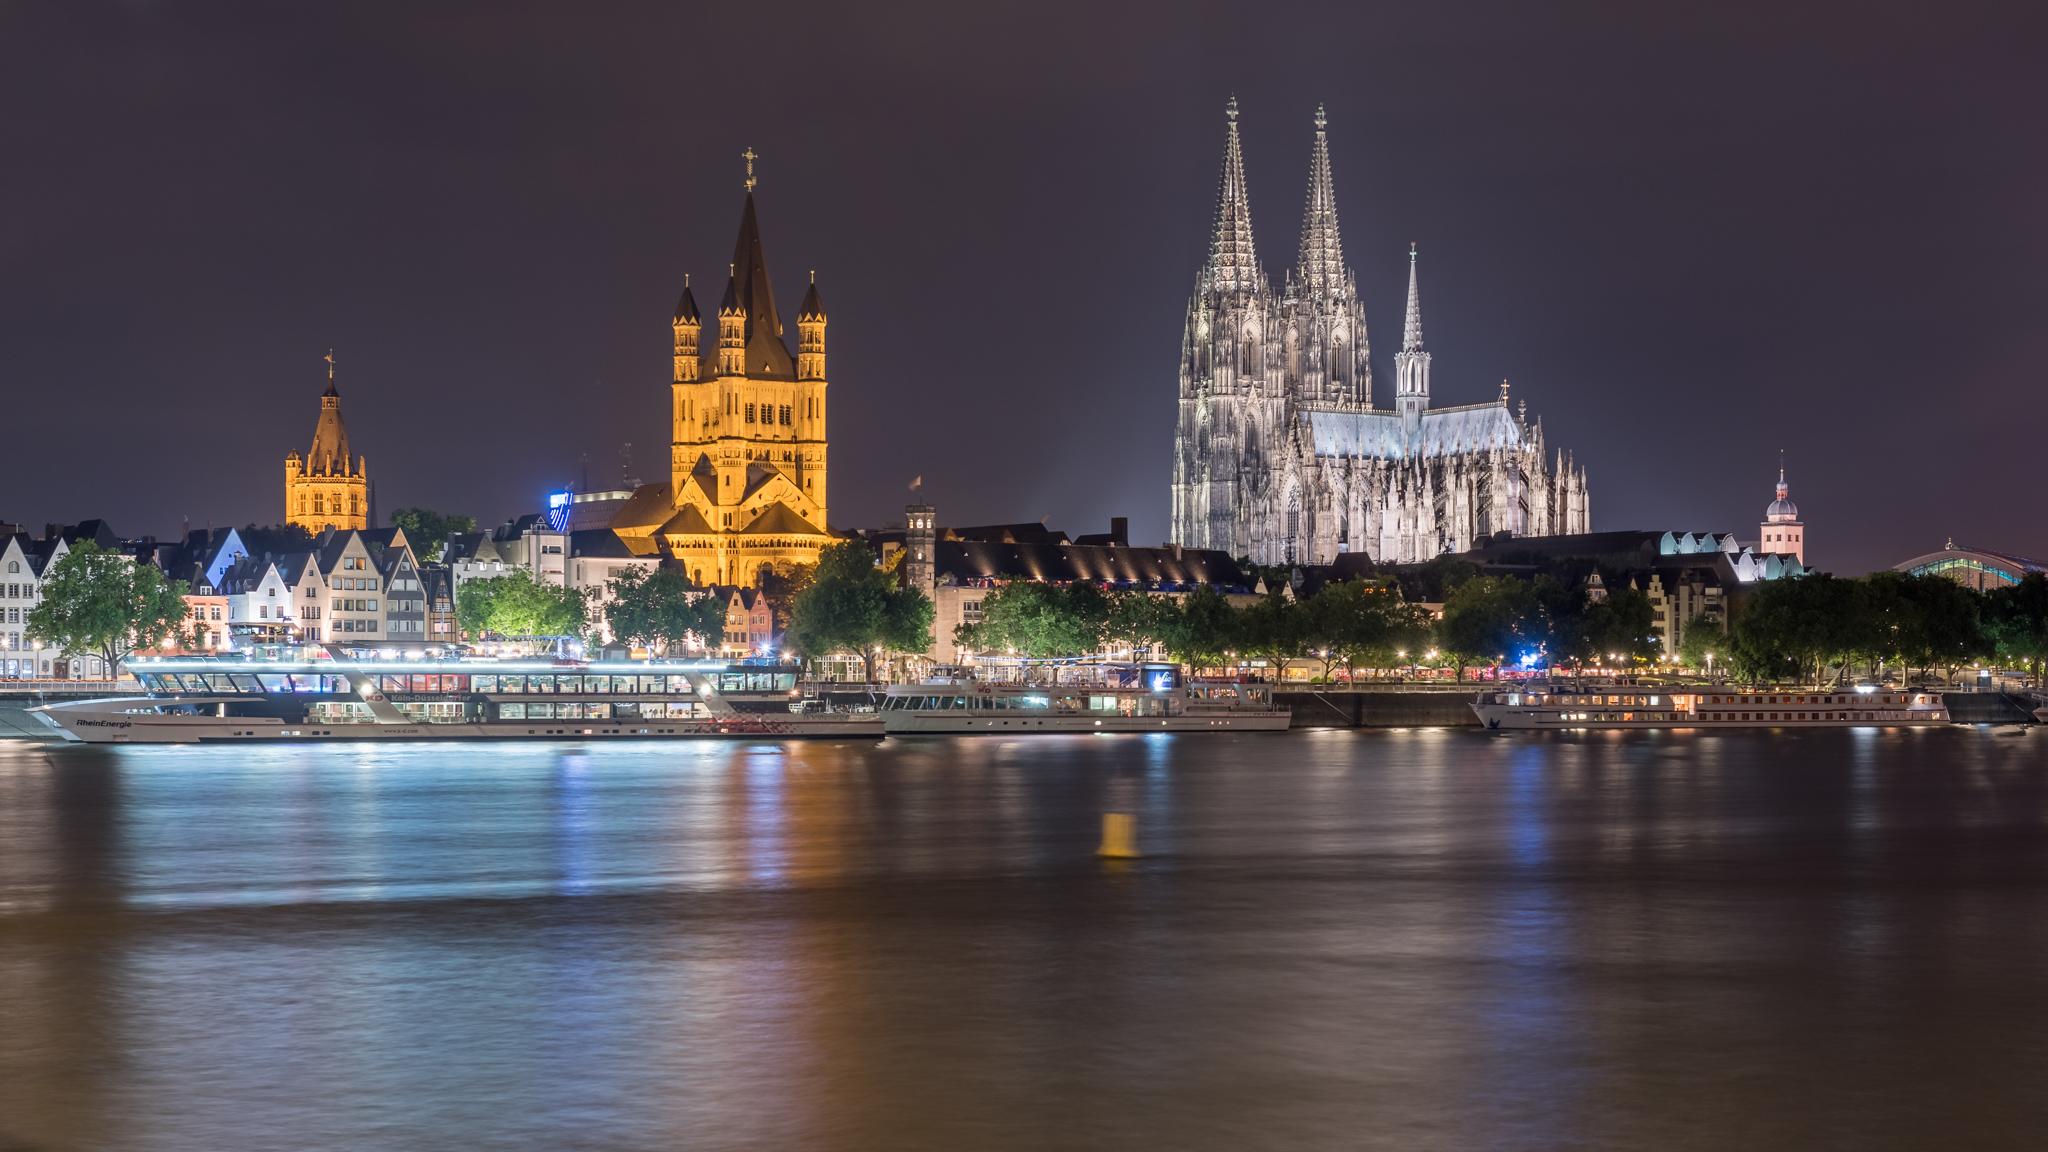 2017-07-28 Nachtkurseindrücke Kölner Dom und Groß St. Martin